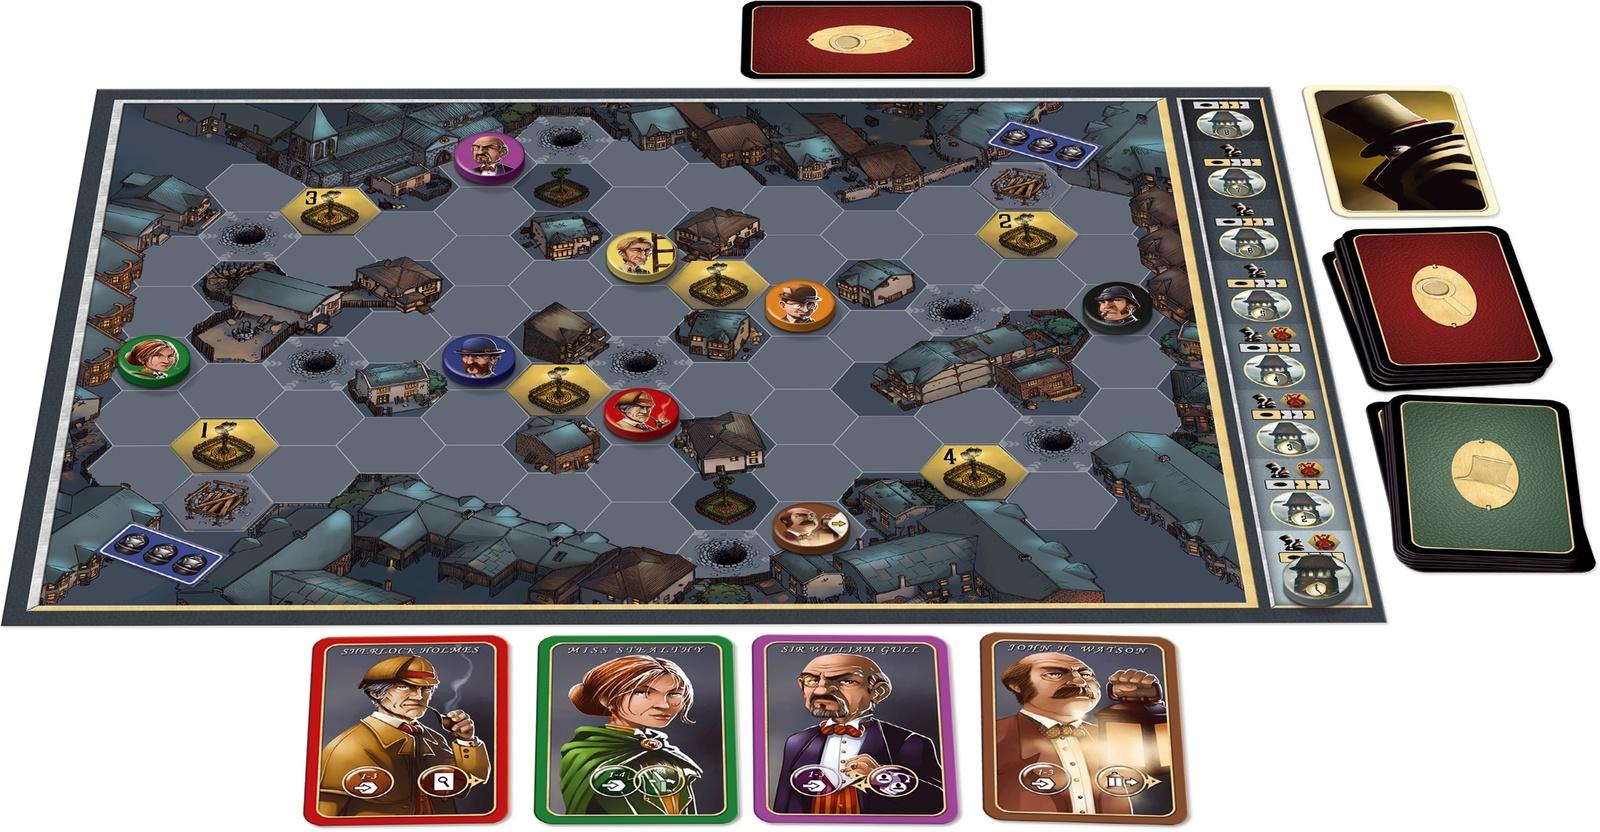 Mr. Jack - Board game image